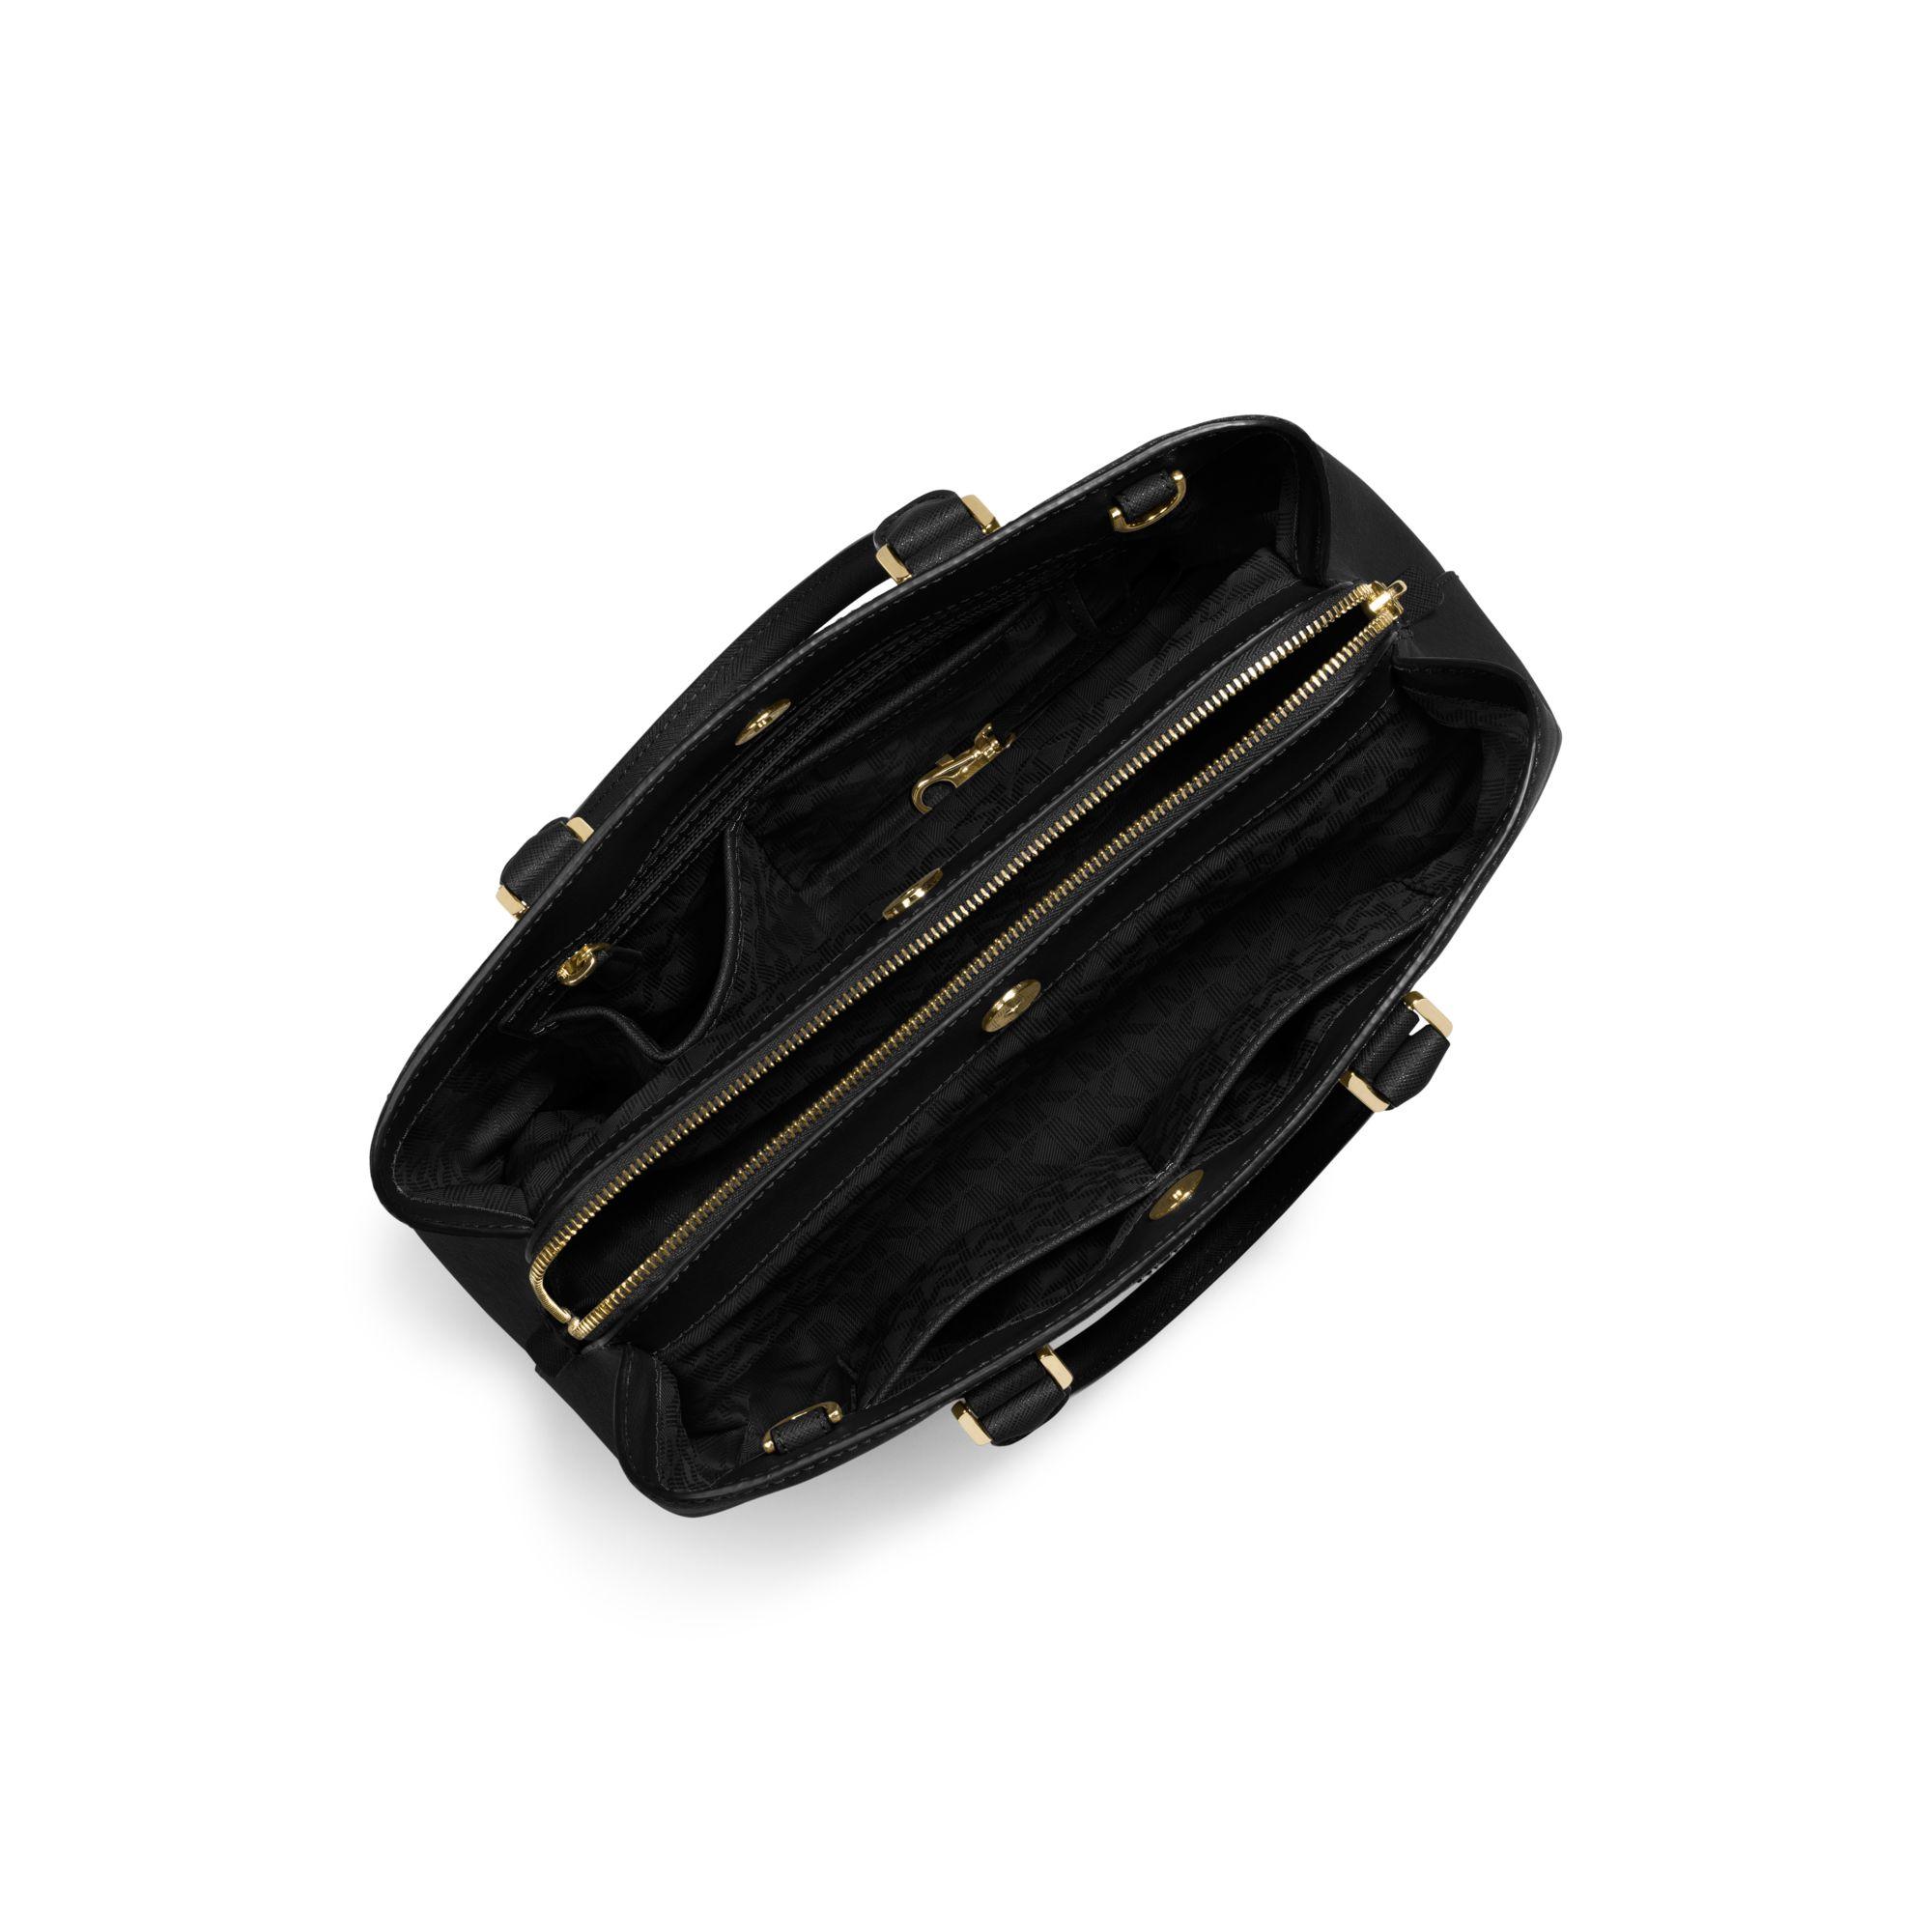 d53927e86ce5e michael kors savannah large patent saffiano leather satchel small saffiano  leather satchel